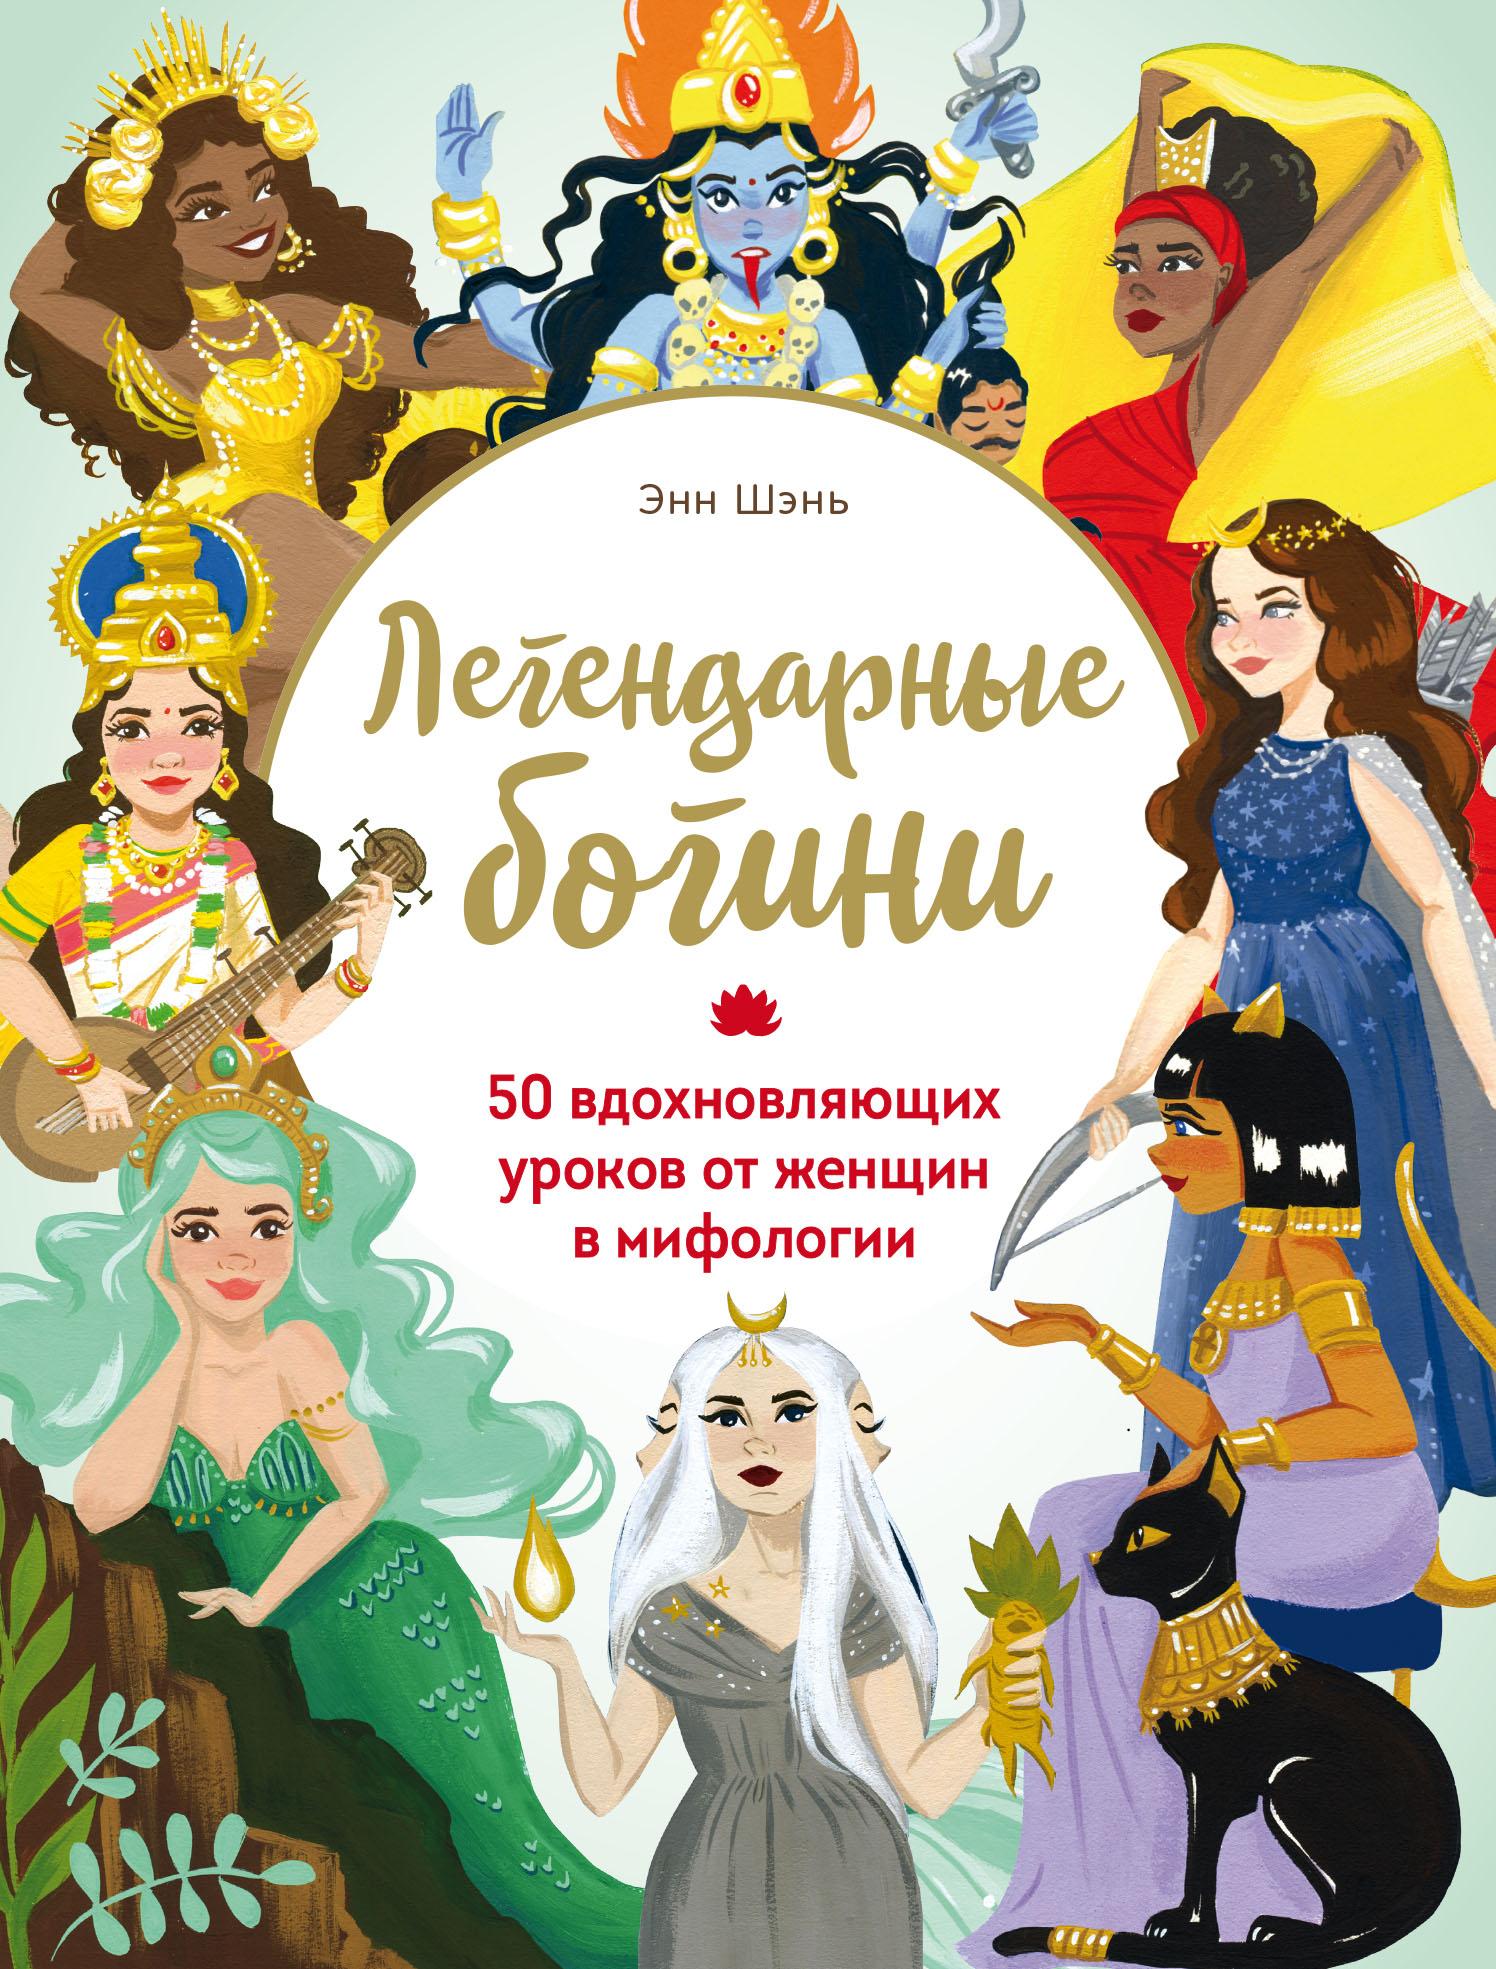 legendarnye bogini 50 vdokhnovlyayushchikh urokov ot zhenshchin v mifologii